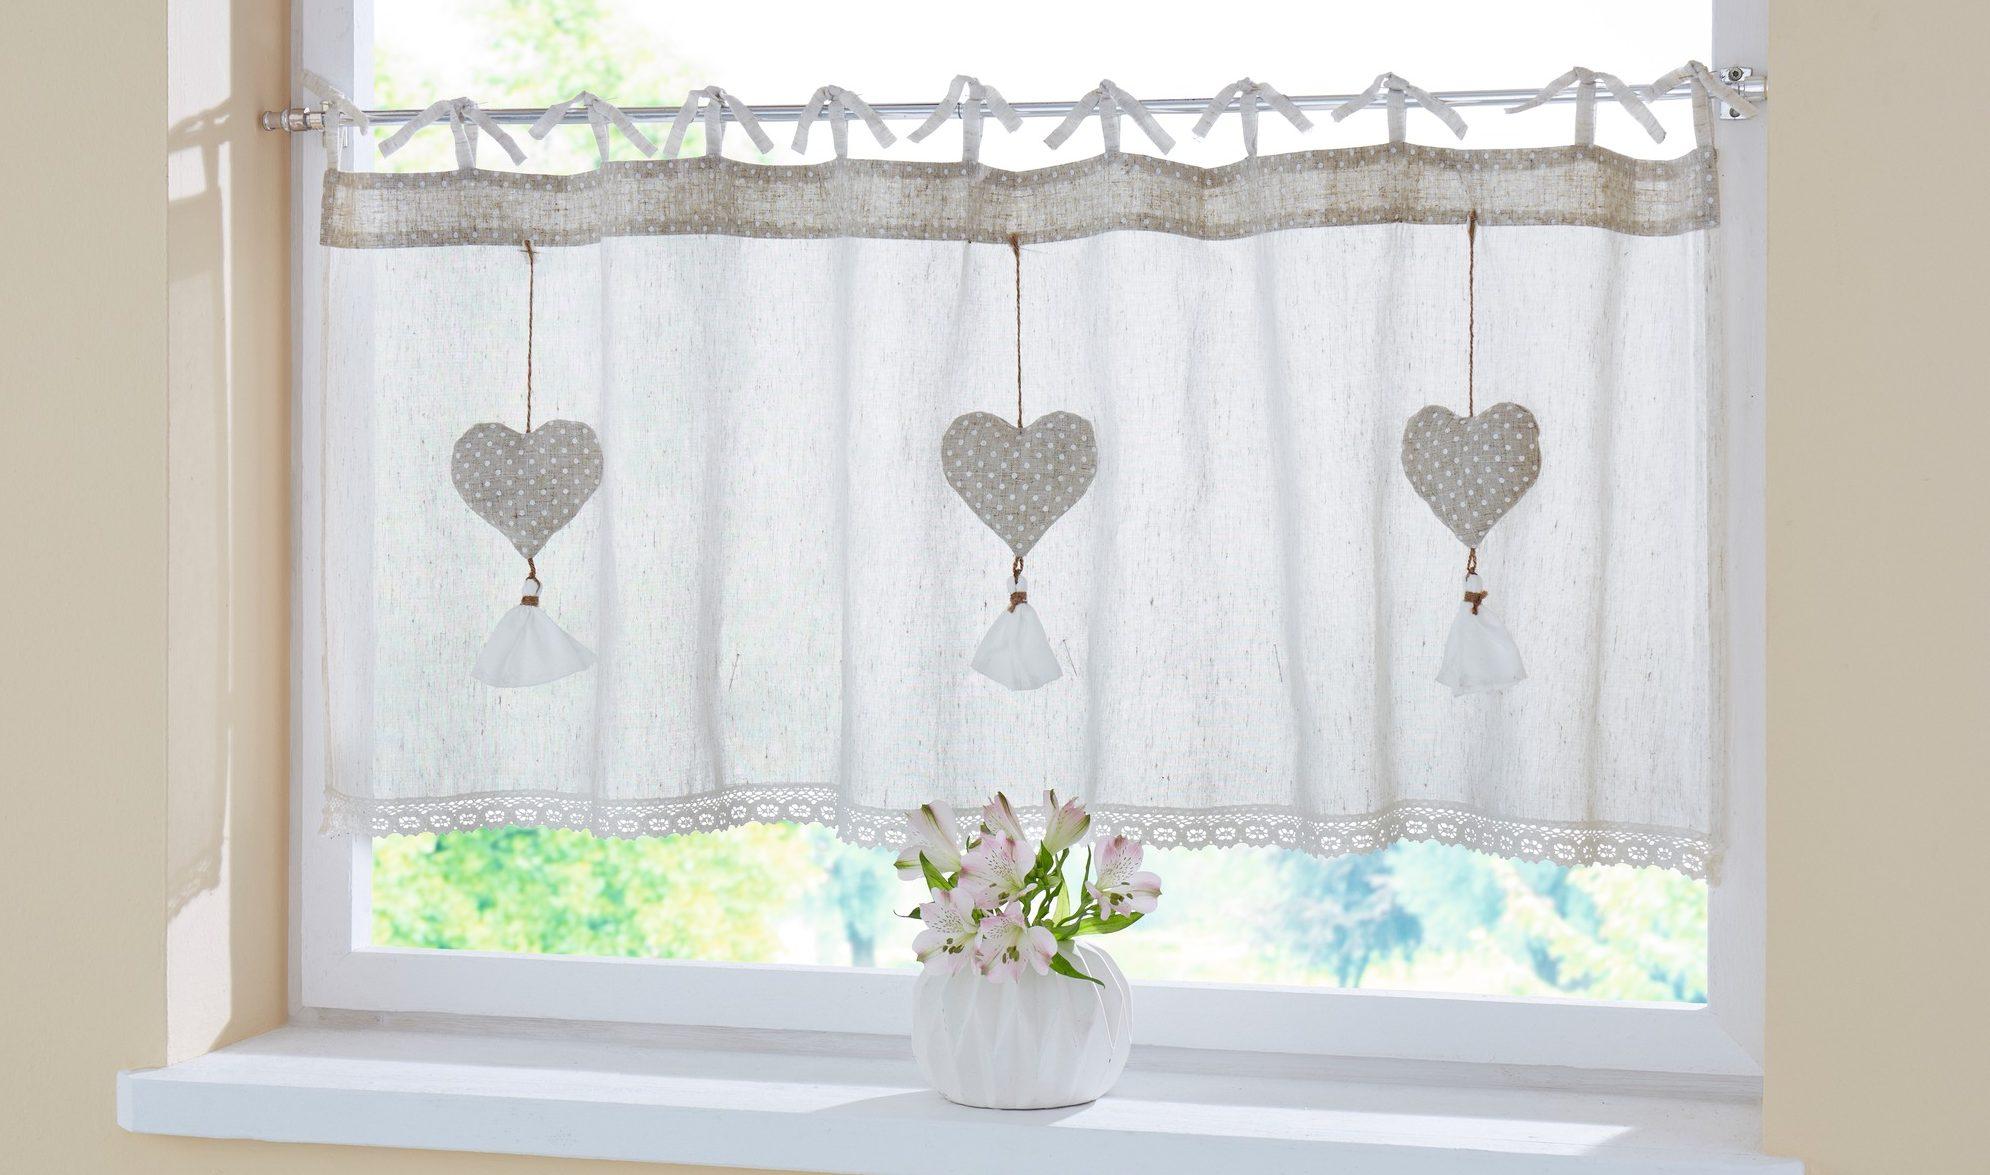 Vorhänge und Gardinen als Gestaltungsmittel fürs Zimmer